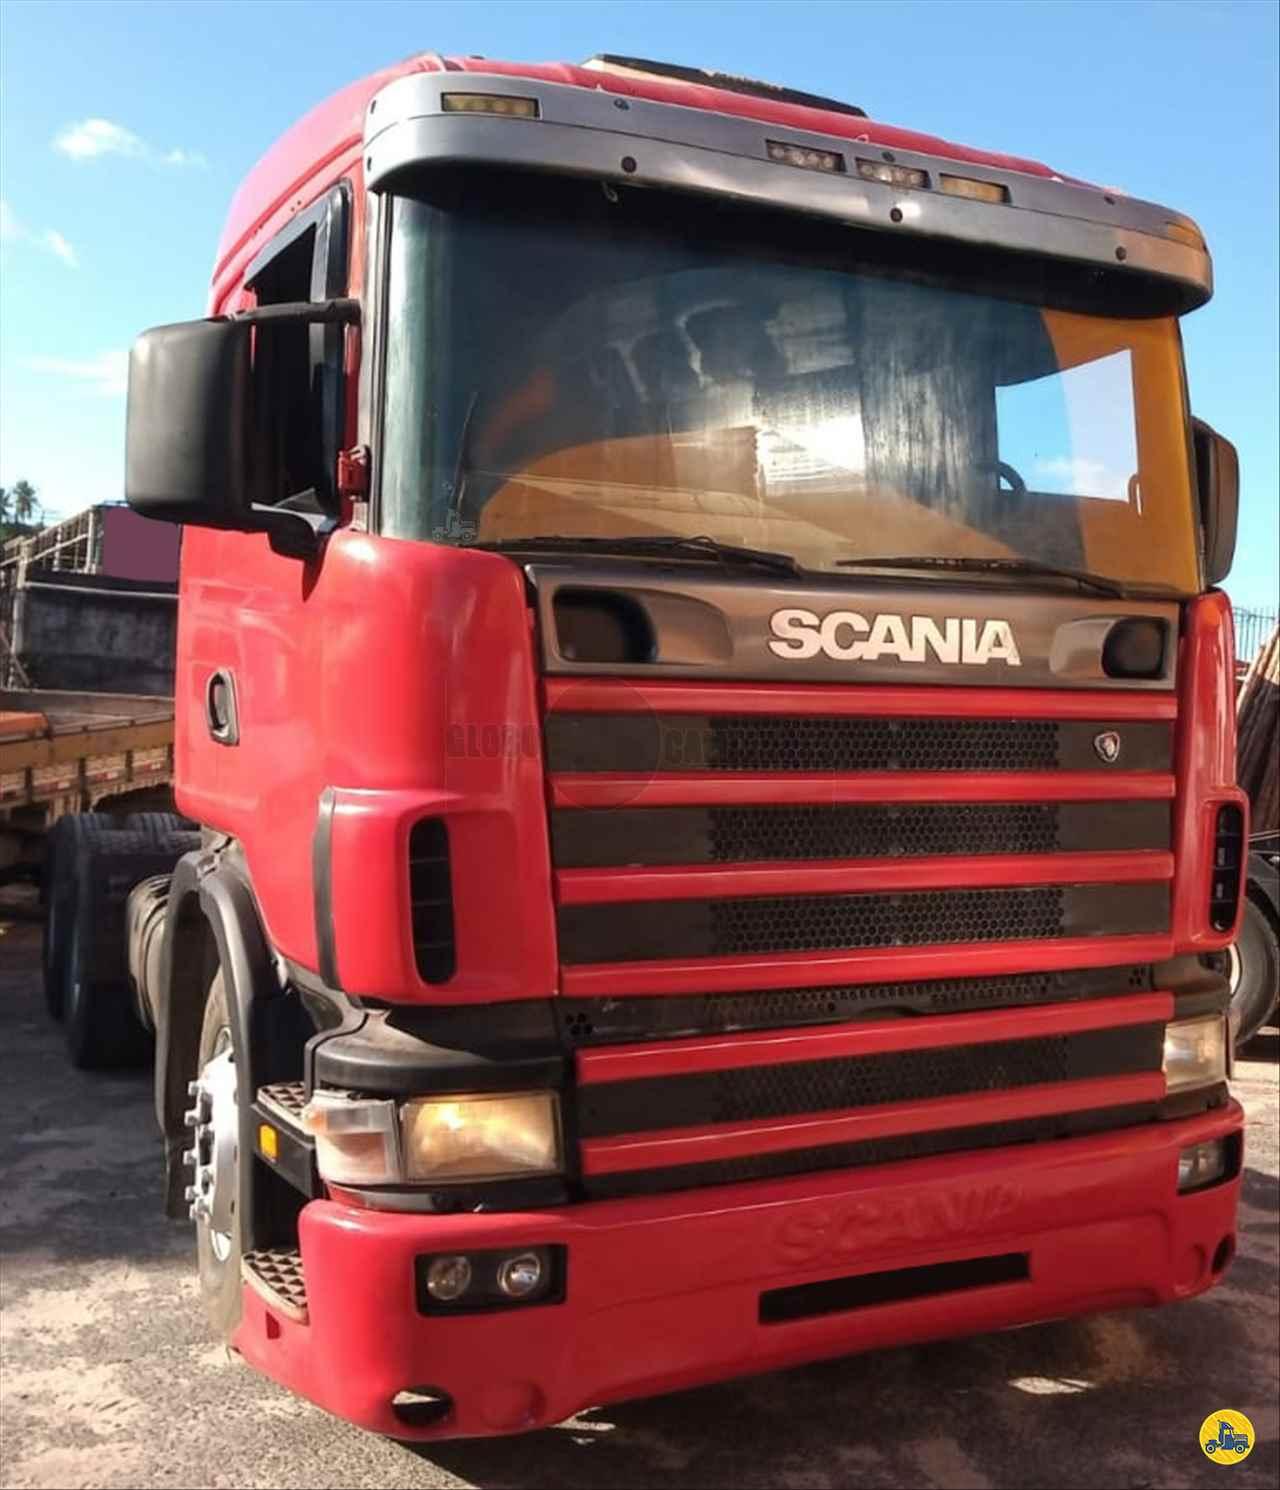 CAMINHAO SCANIA SCANIA 400 Cavalo Mecânico Truck 6x2 Globo Caminhões Helio Maringá MARINGA PARANÁ PR